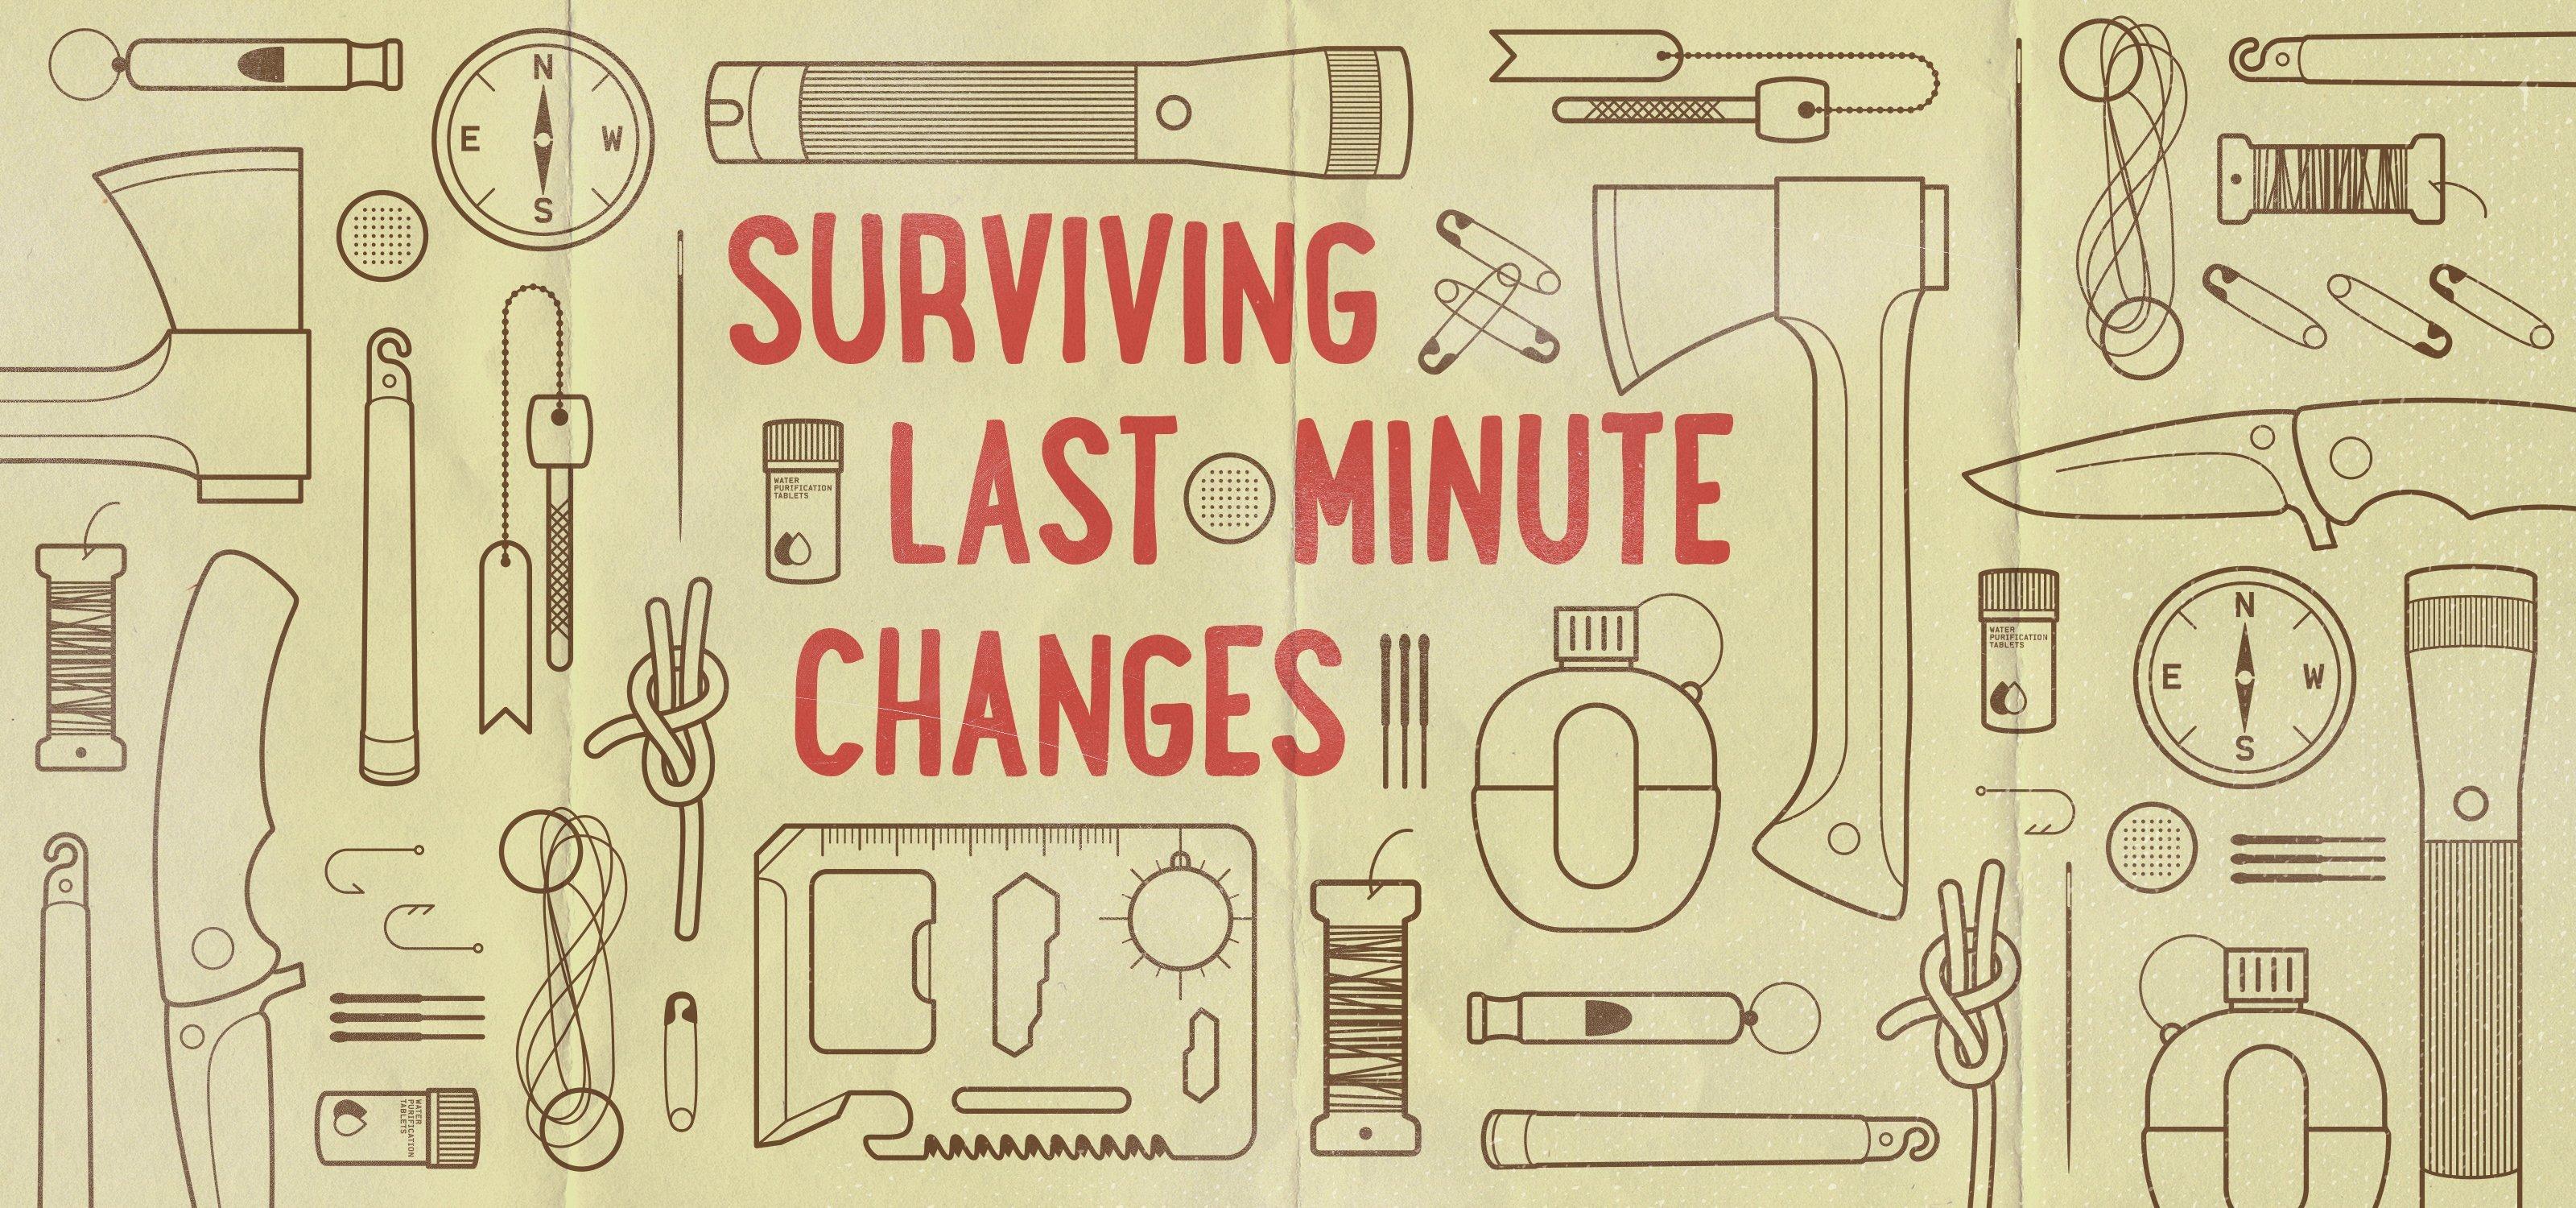 Surviving Last Minute Changes